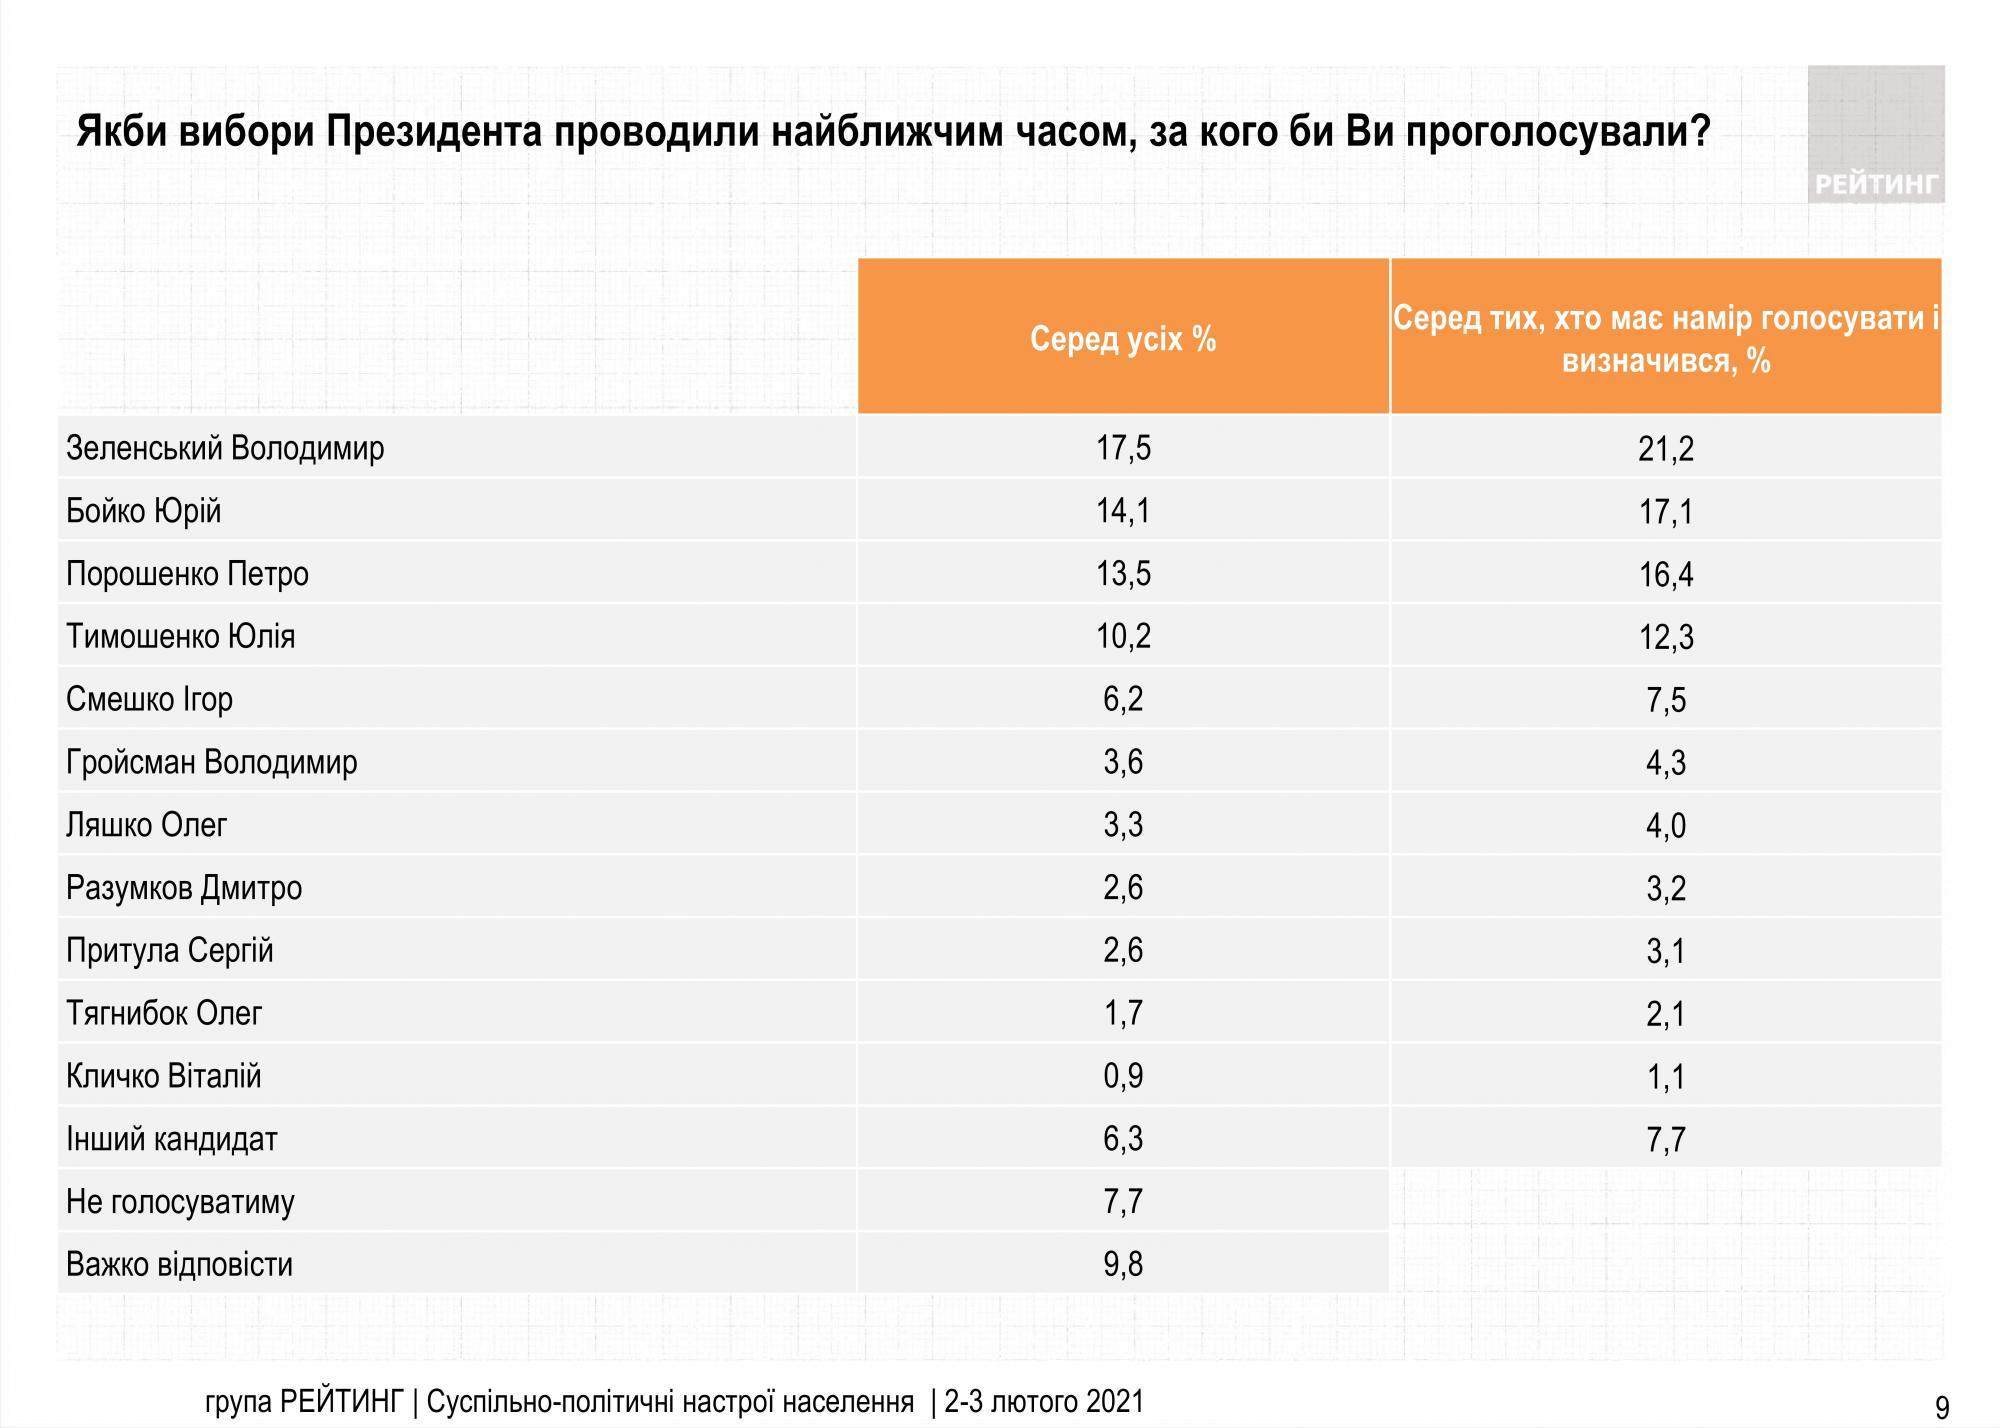 Зеленский снова возглавил президентский рейтинг, но его поддержка падает - фото 2